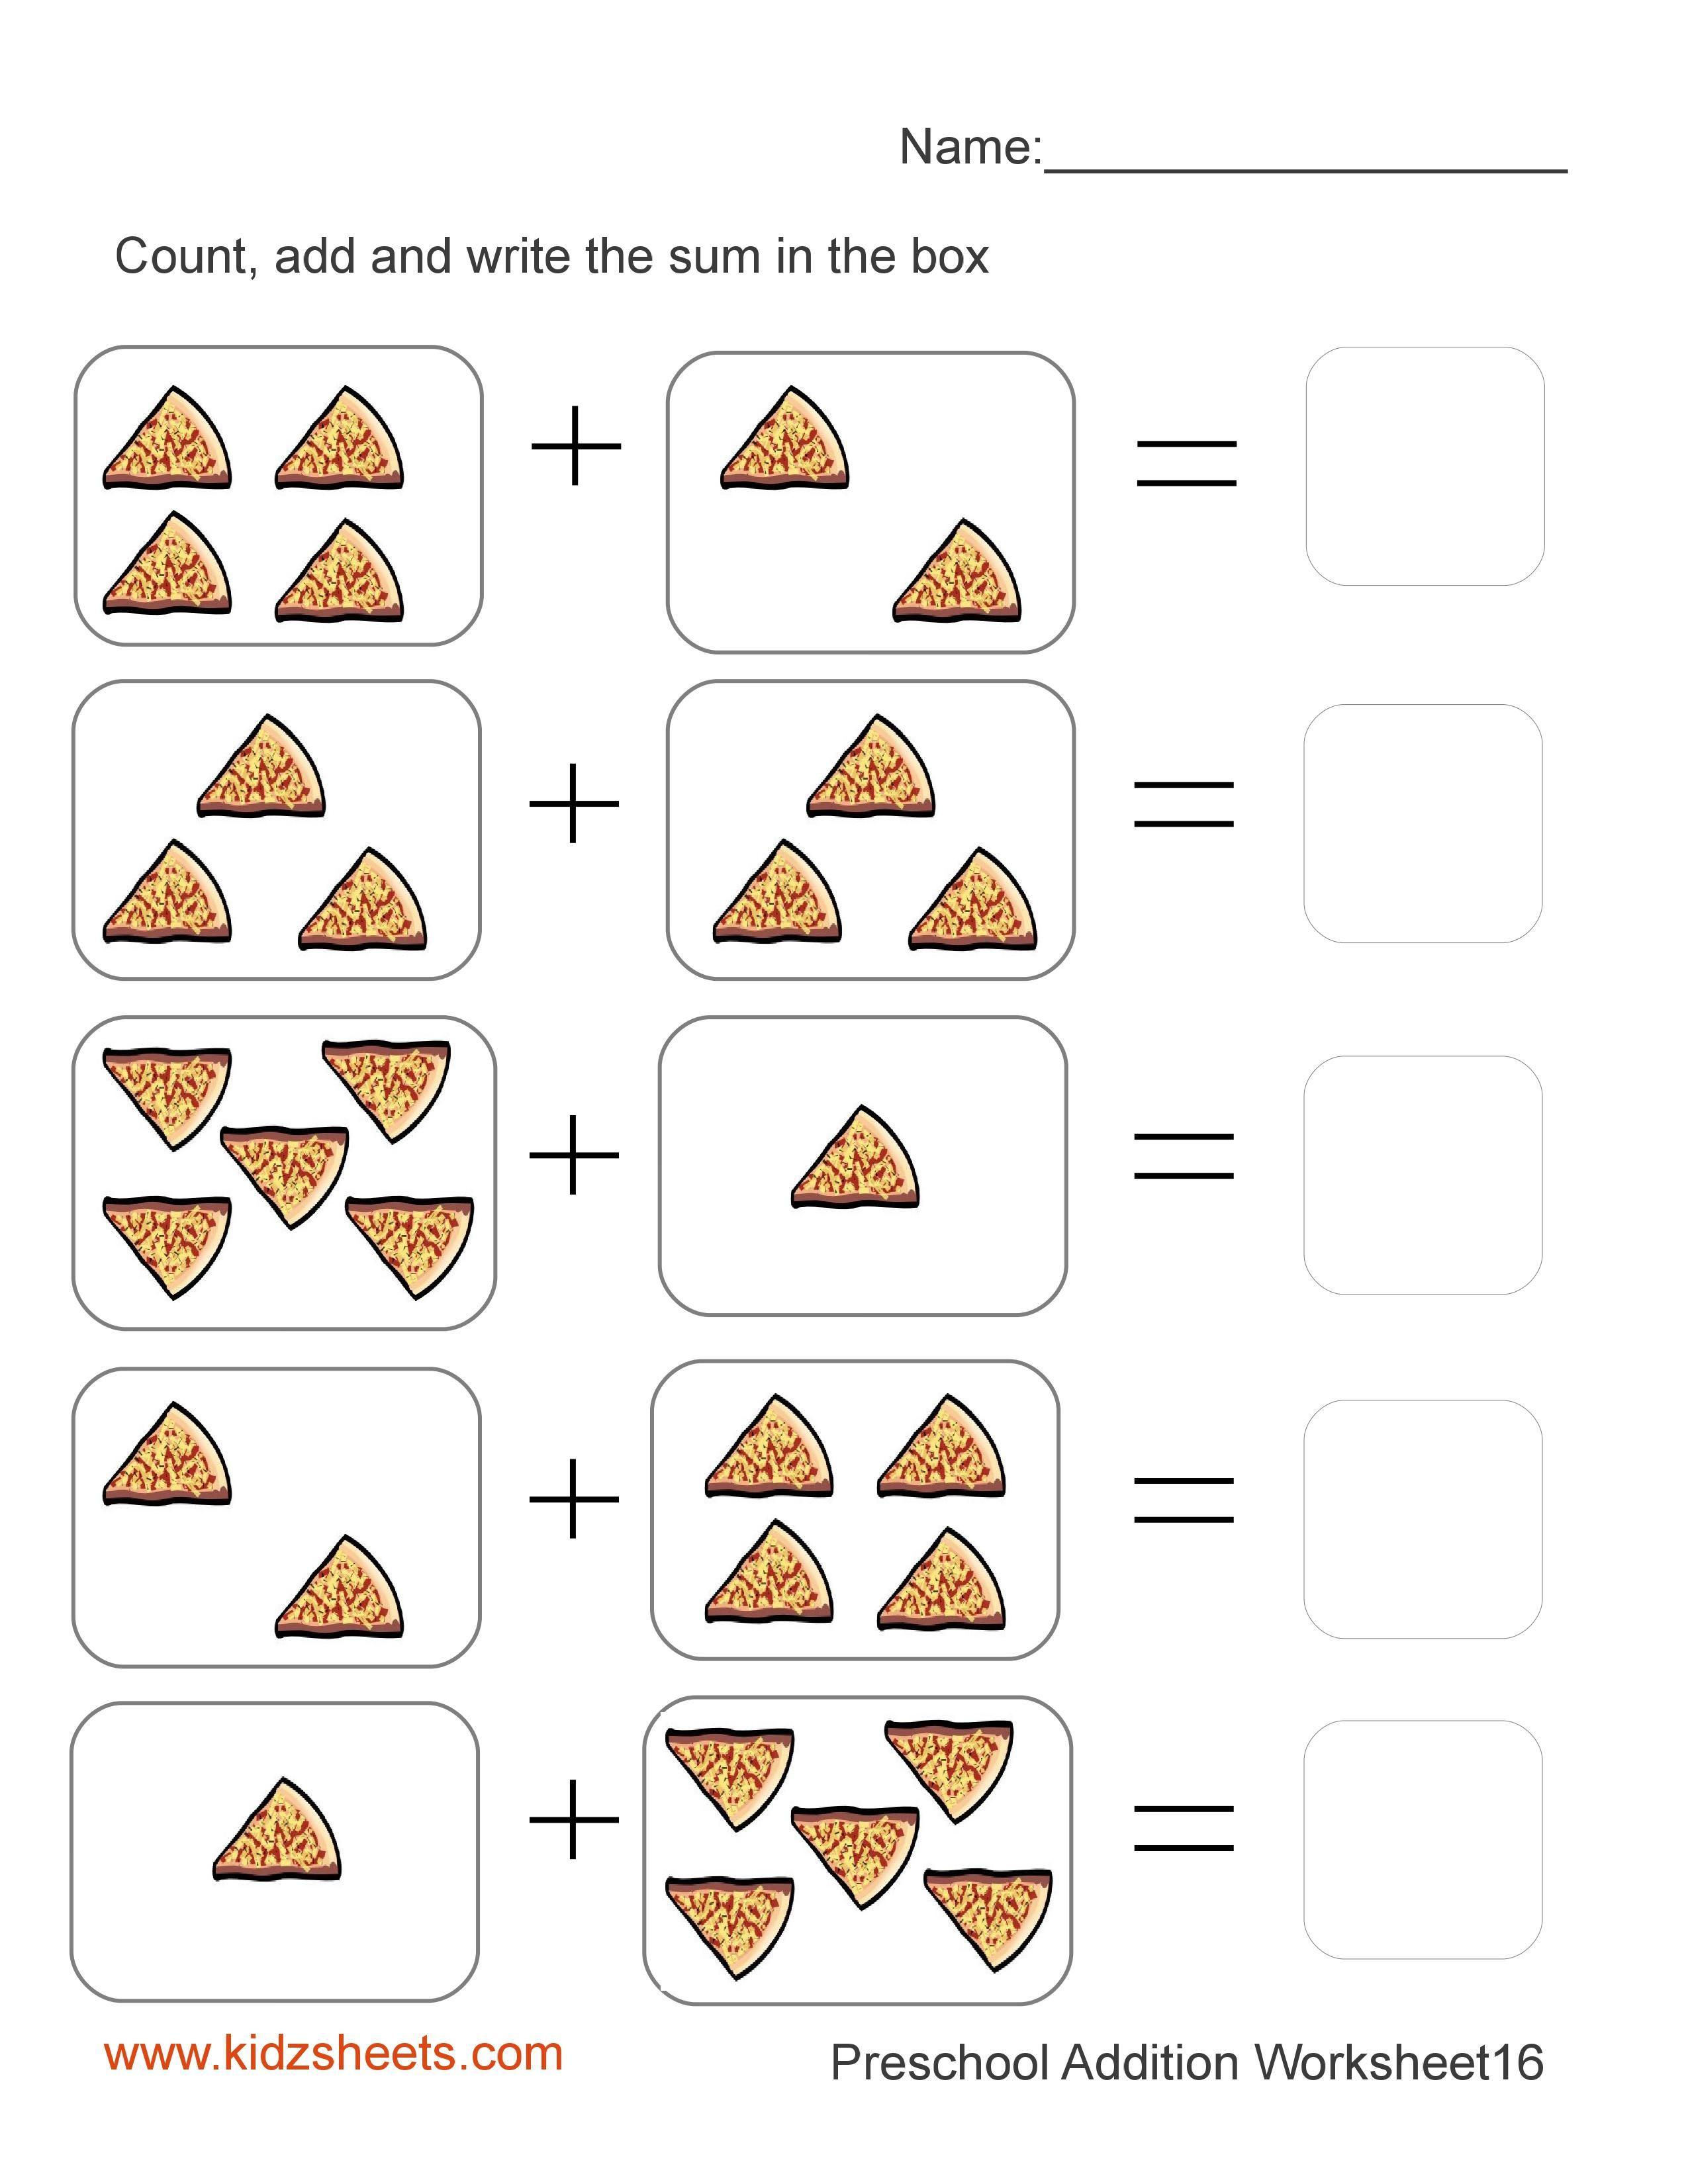 Worksheets Math Kg1 Kg2 Grade1 أوراق عمل ممتازة جدا Shapes Worksheets Kids Math Worksheets Preschool Worksheets